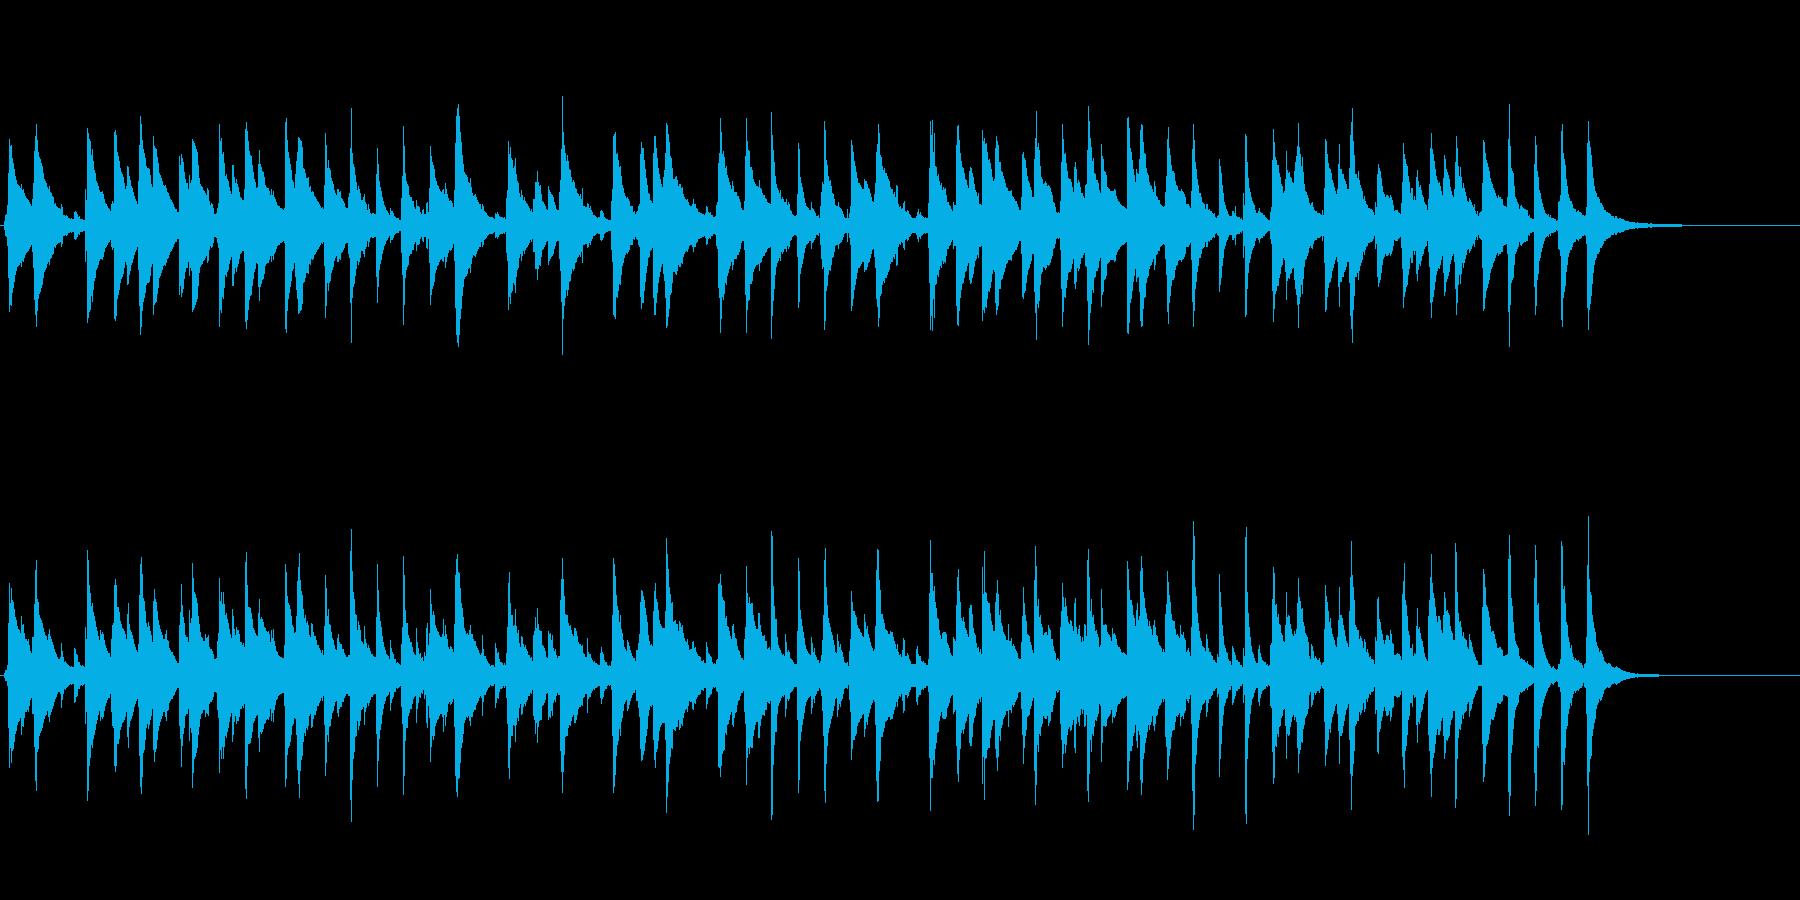 ウクレレとマリンバ使用子供向けの可愛い曲の再生済みの波形